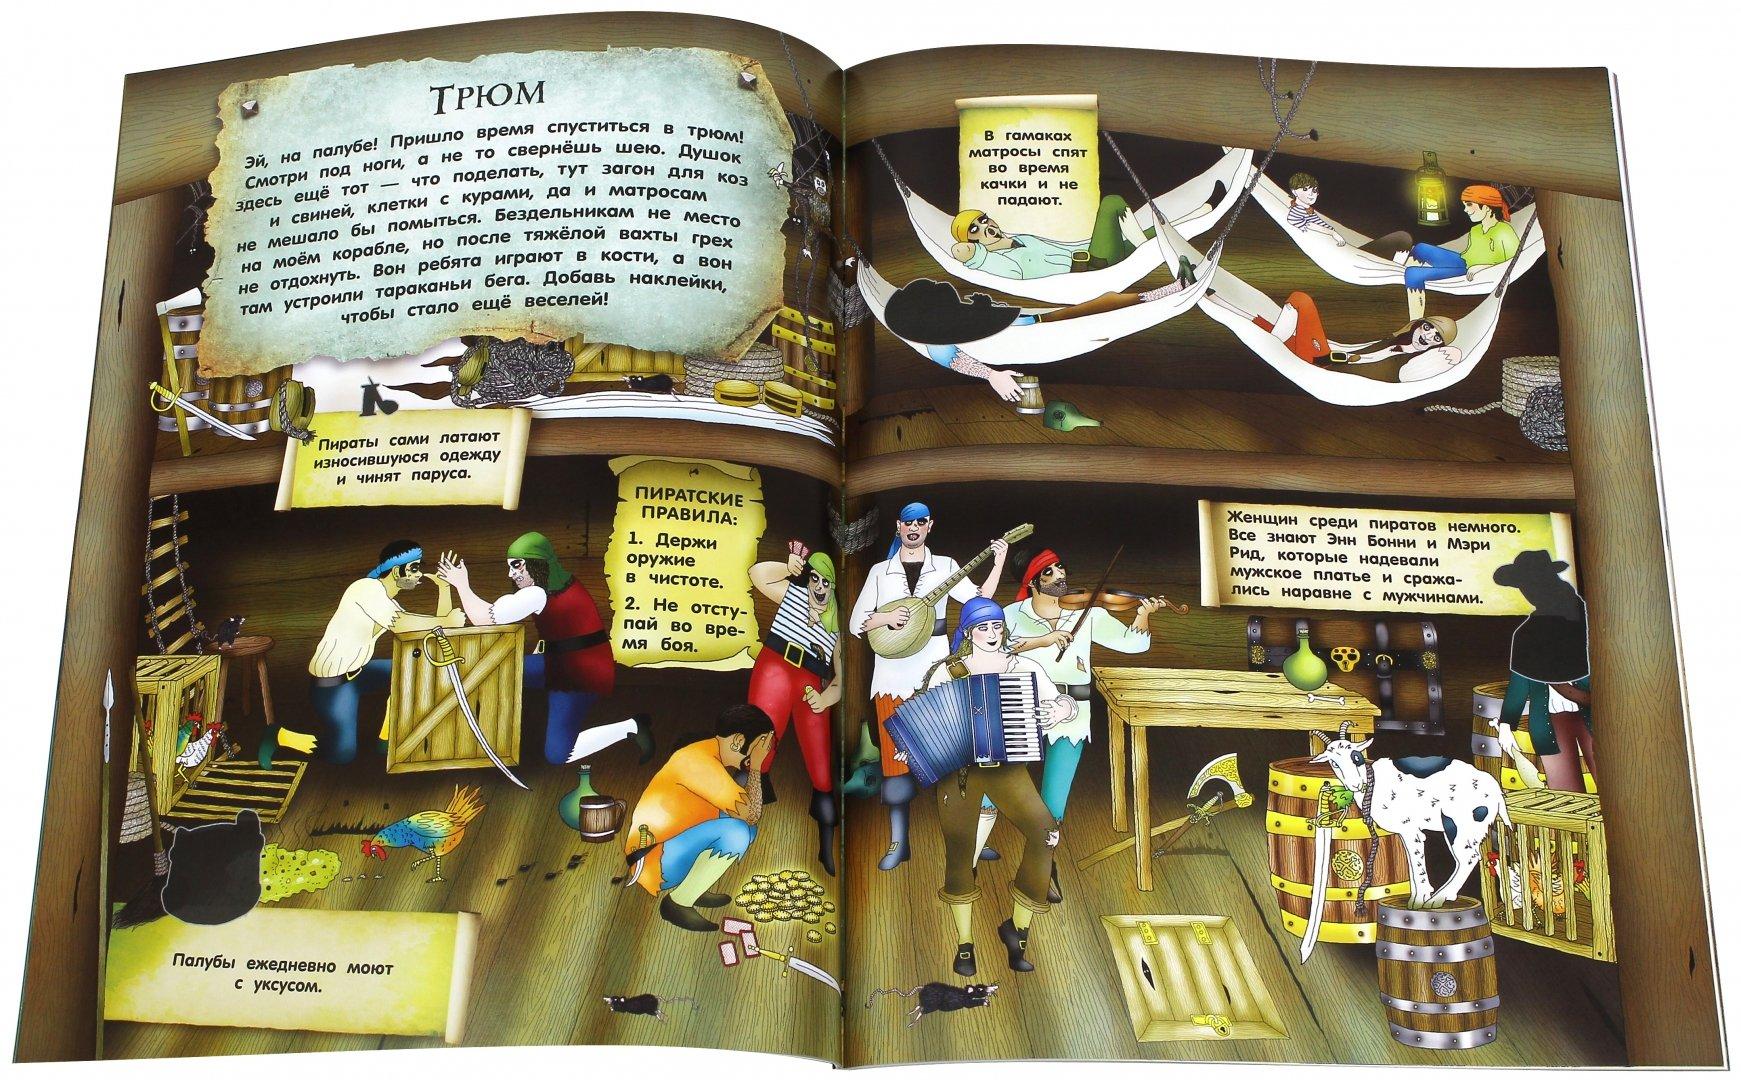 Иллюстрация 1 из 8 для Создай свою историю. Твой пиратский корабль - Пайп, Сайпи | Лабиринт - книги. Источник: Лабиринт